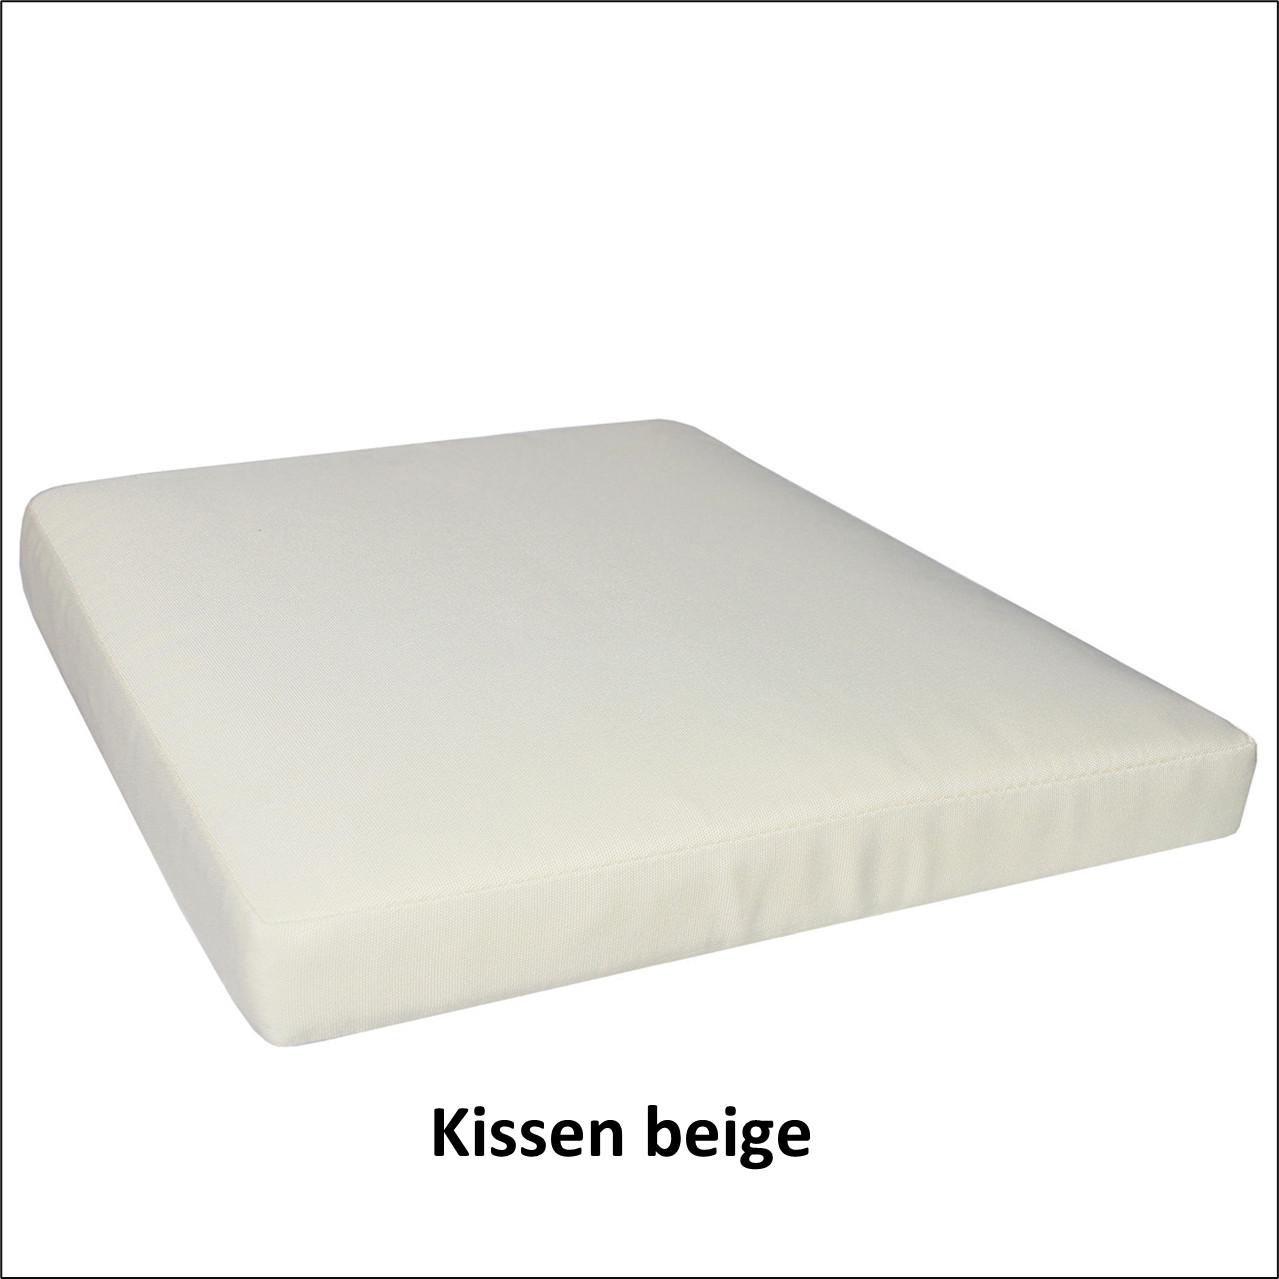 Sitzkissen (lose) beige, 5 cm stark